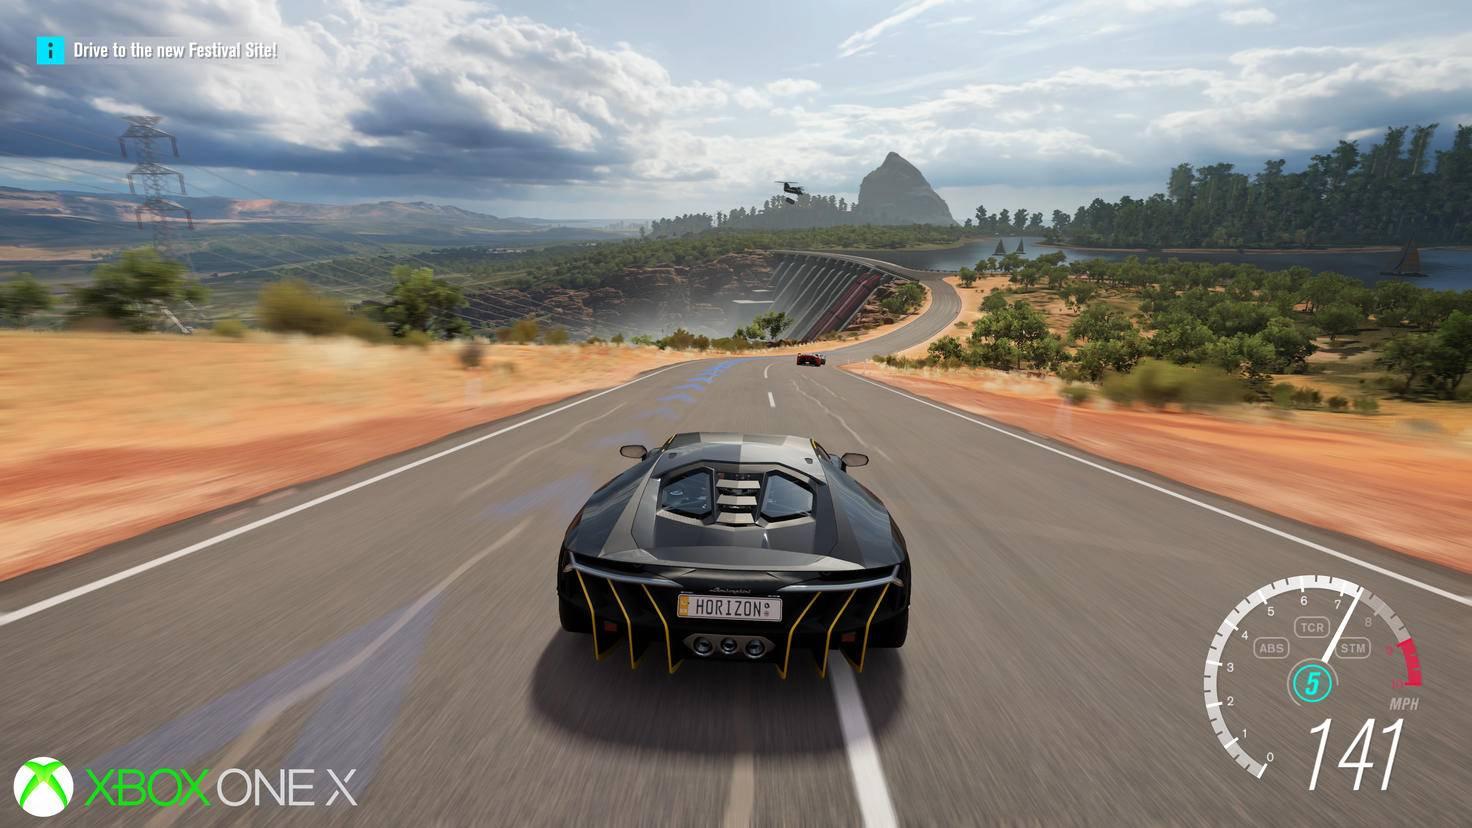 Xbox-One-X-Forza-Horizon-3